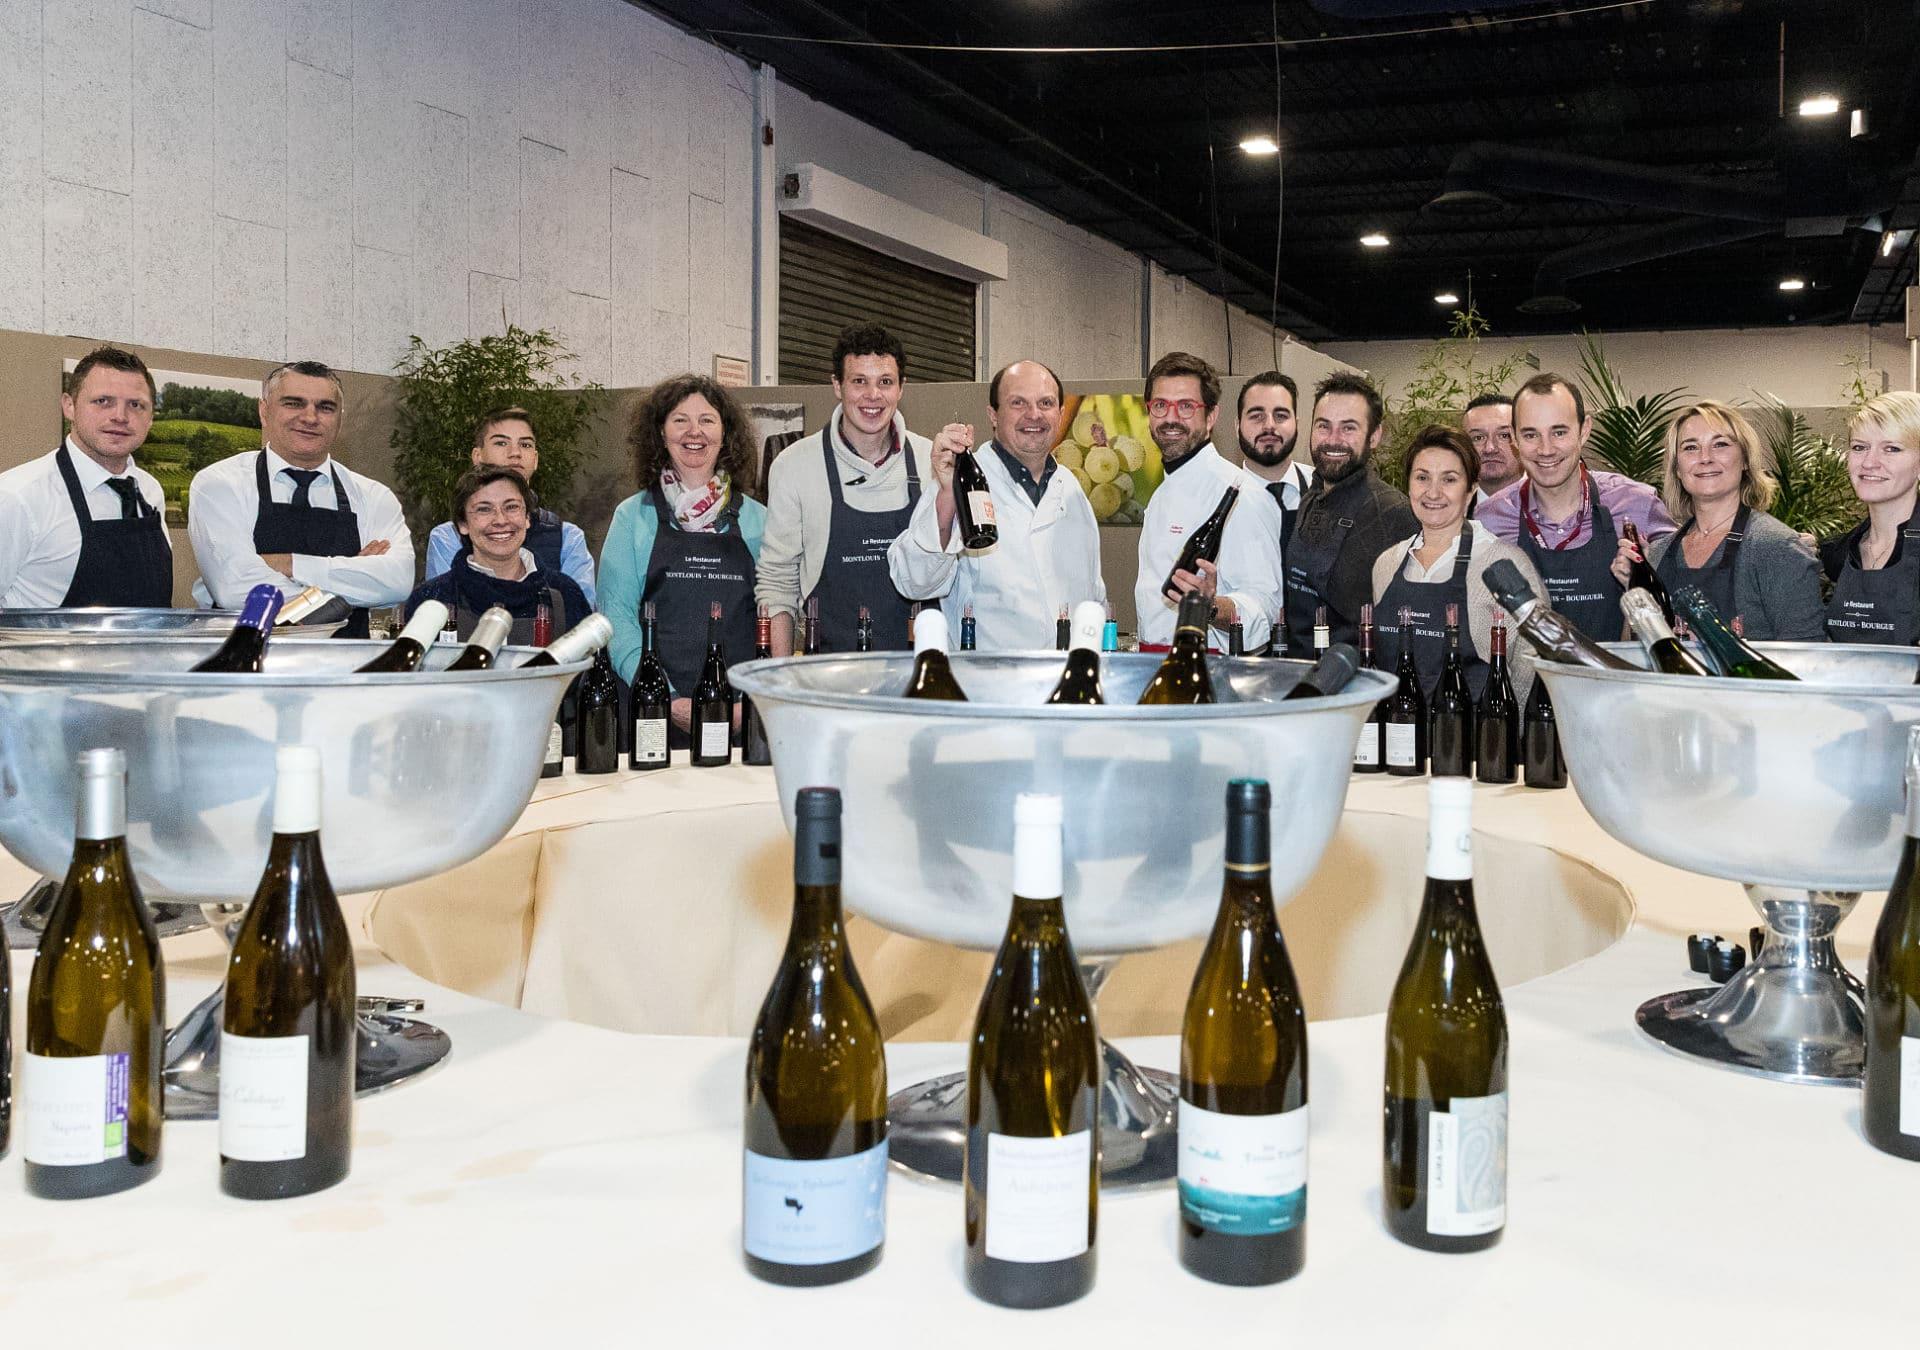 bourgueil montlouis restaurant salon vins loire